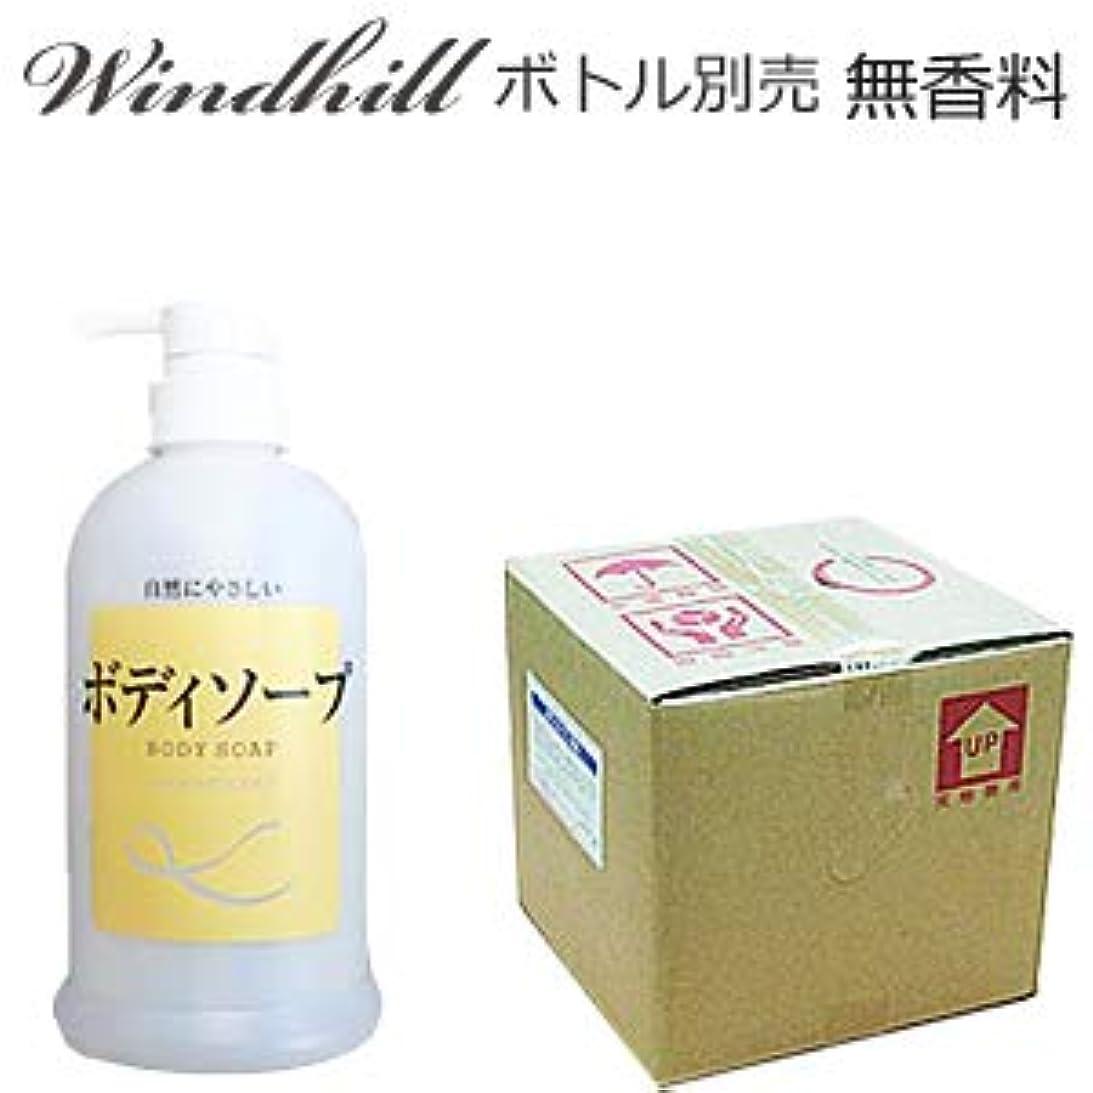 経過エンディング活気づくWindhill 植物性 業務用ボディソープ 無香料 20L(1セット20L入)